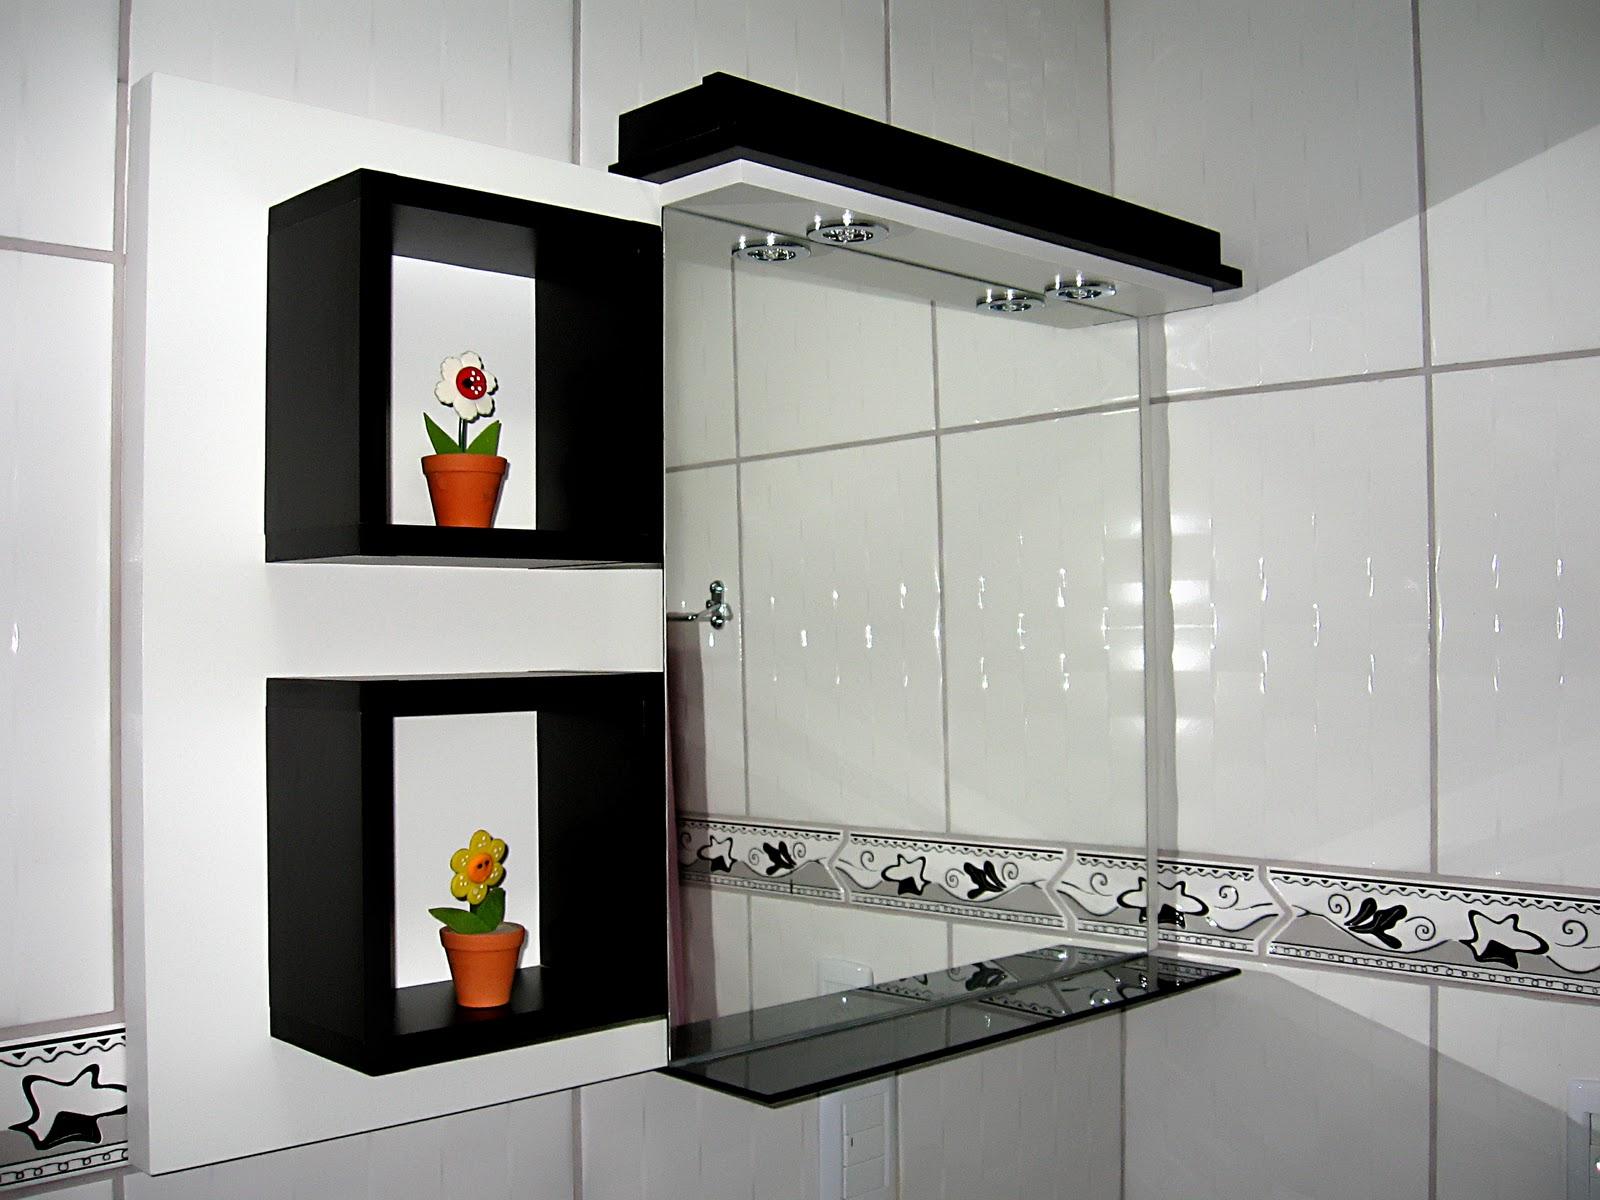 Imagens de #B74210 RÍMINI Ambientes Tendências Mundiais : Banheiro em preto e branco 1600x1200 px 3726 Banheiros Planejados Preto E Branco